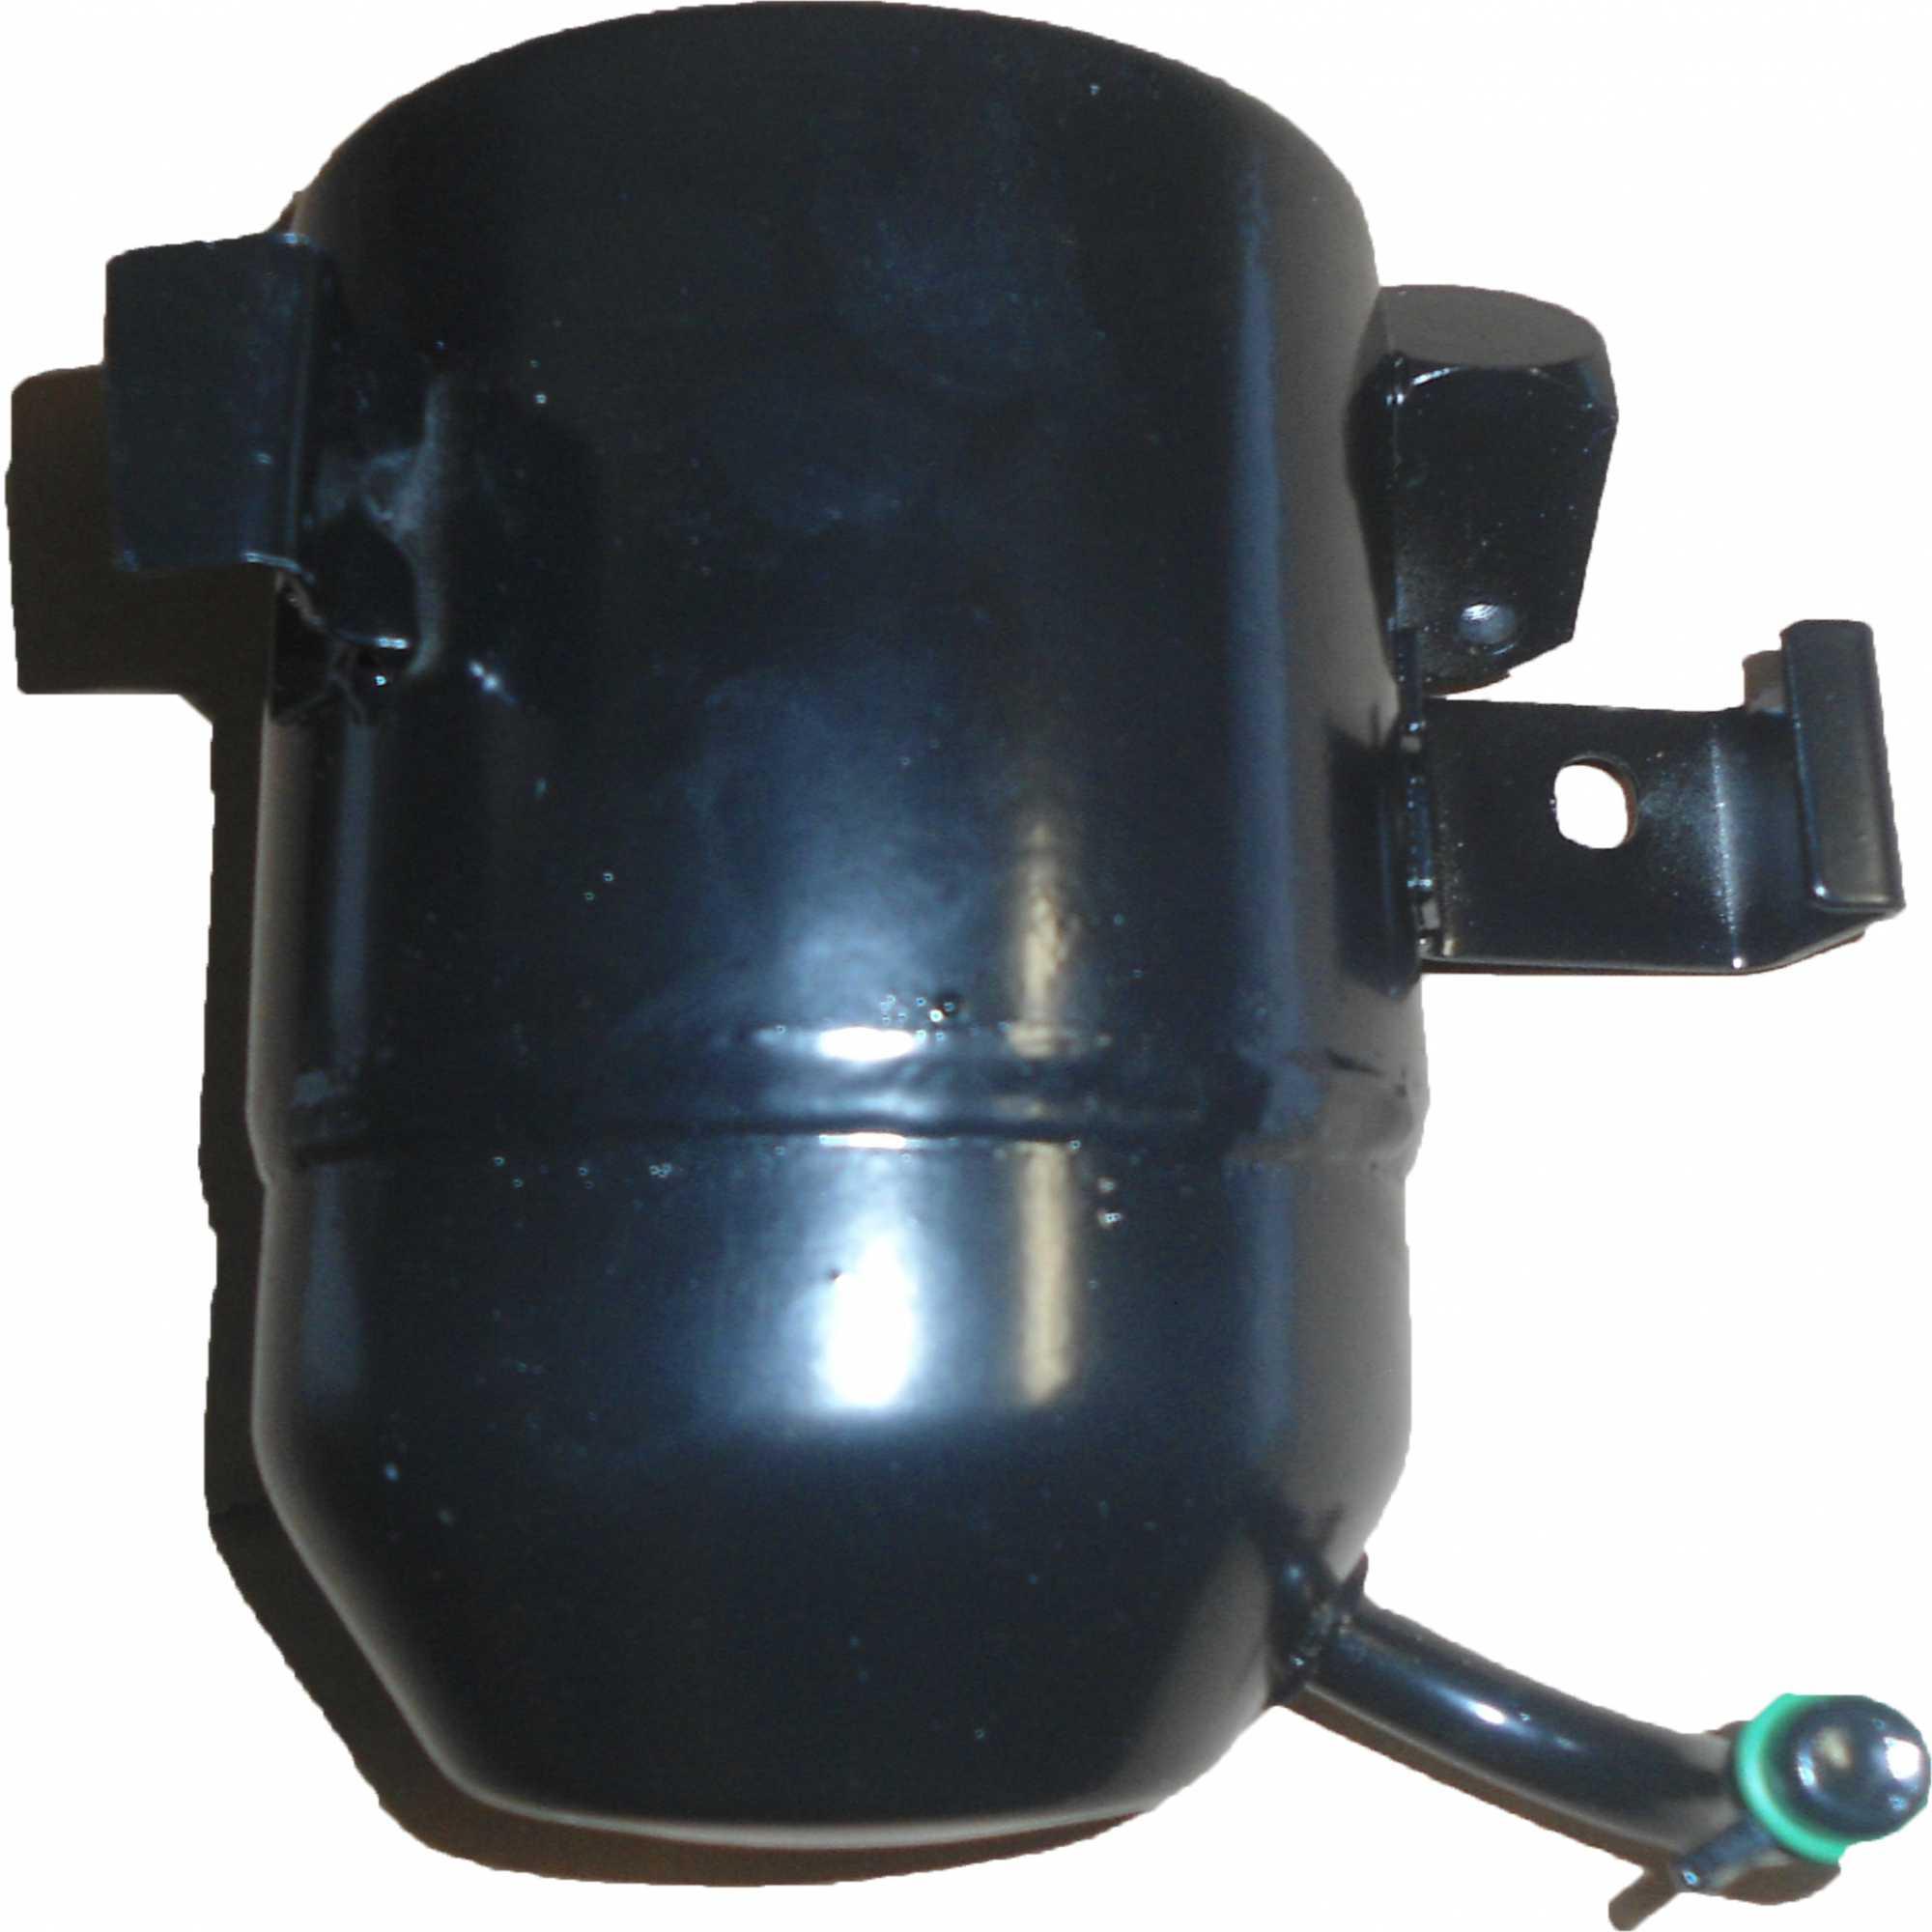 Motor Caixa Evaporadora John Deere Colhedeira 3510/3520/3522 Actecmax John Deere Colhedeira 3510/3520/3522 *S/Turbina* 12V